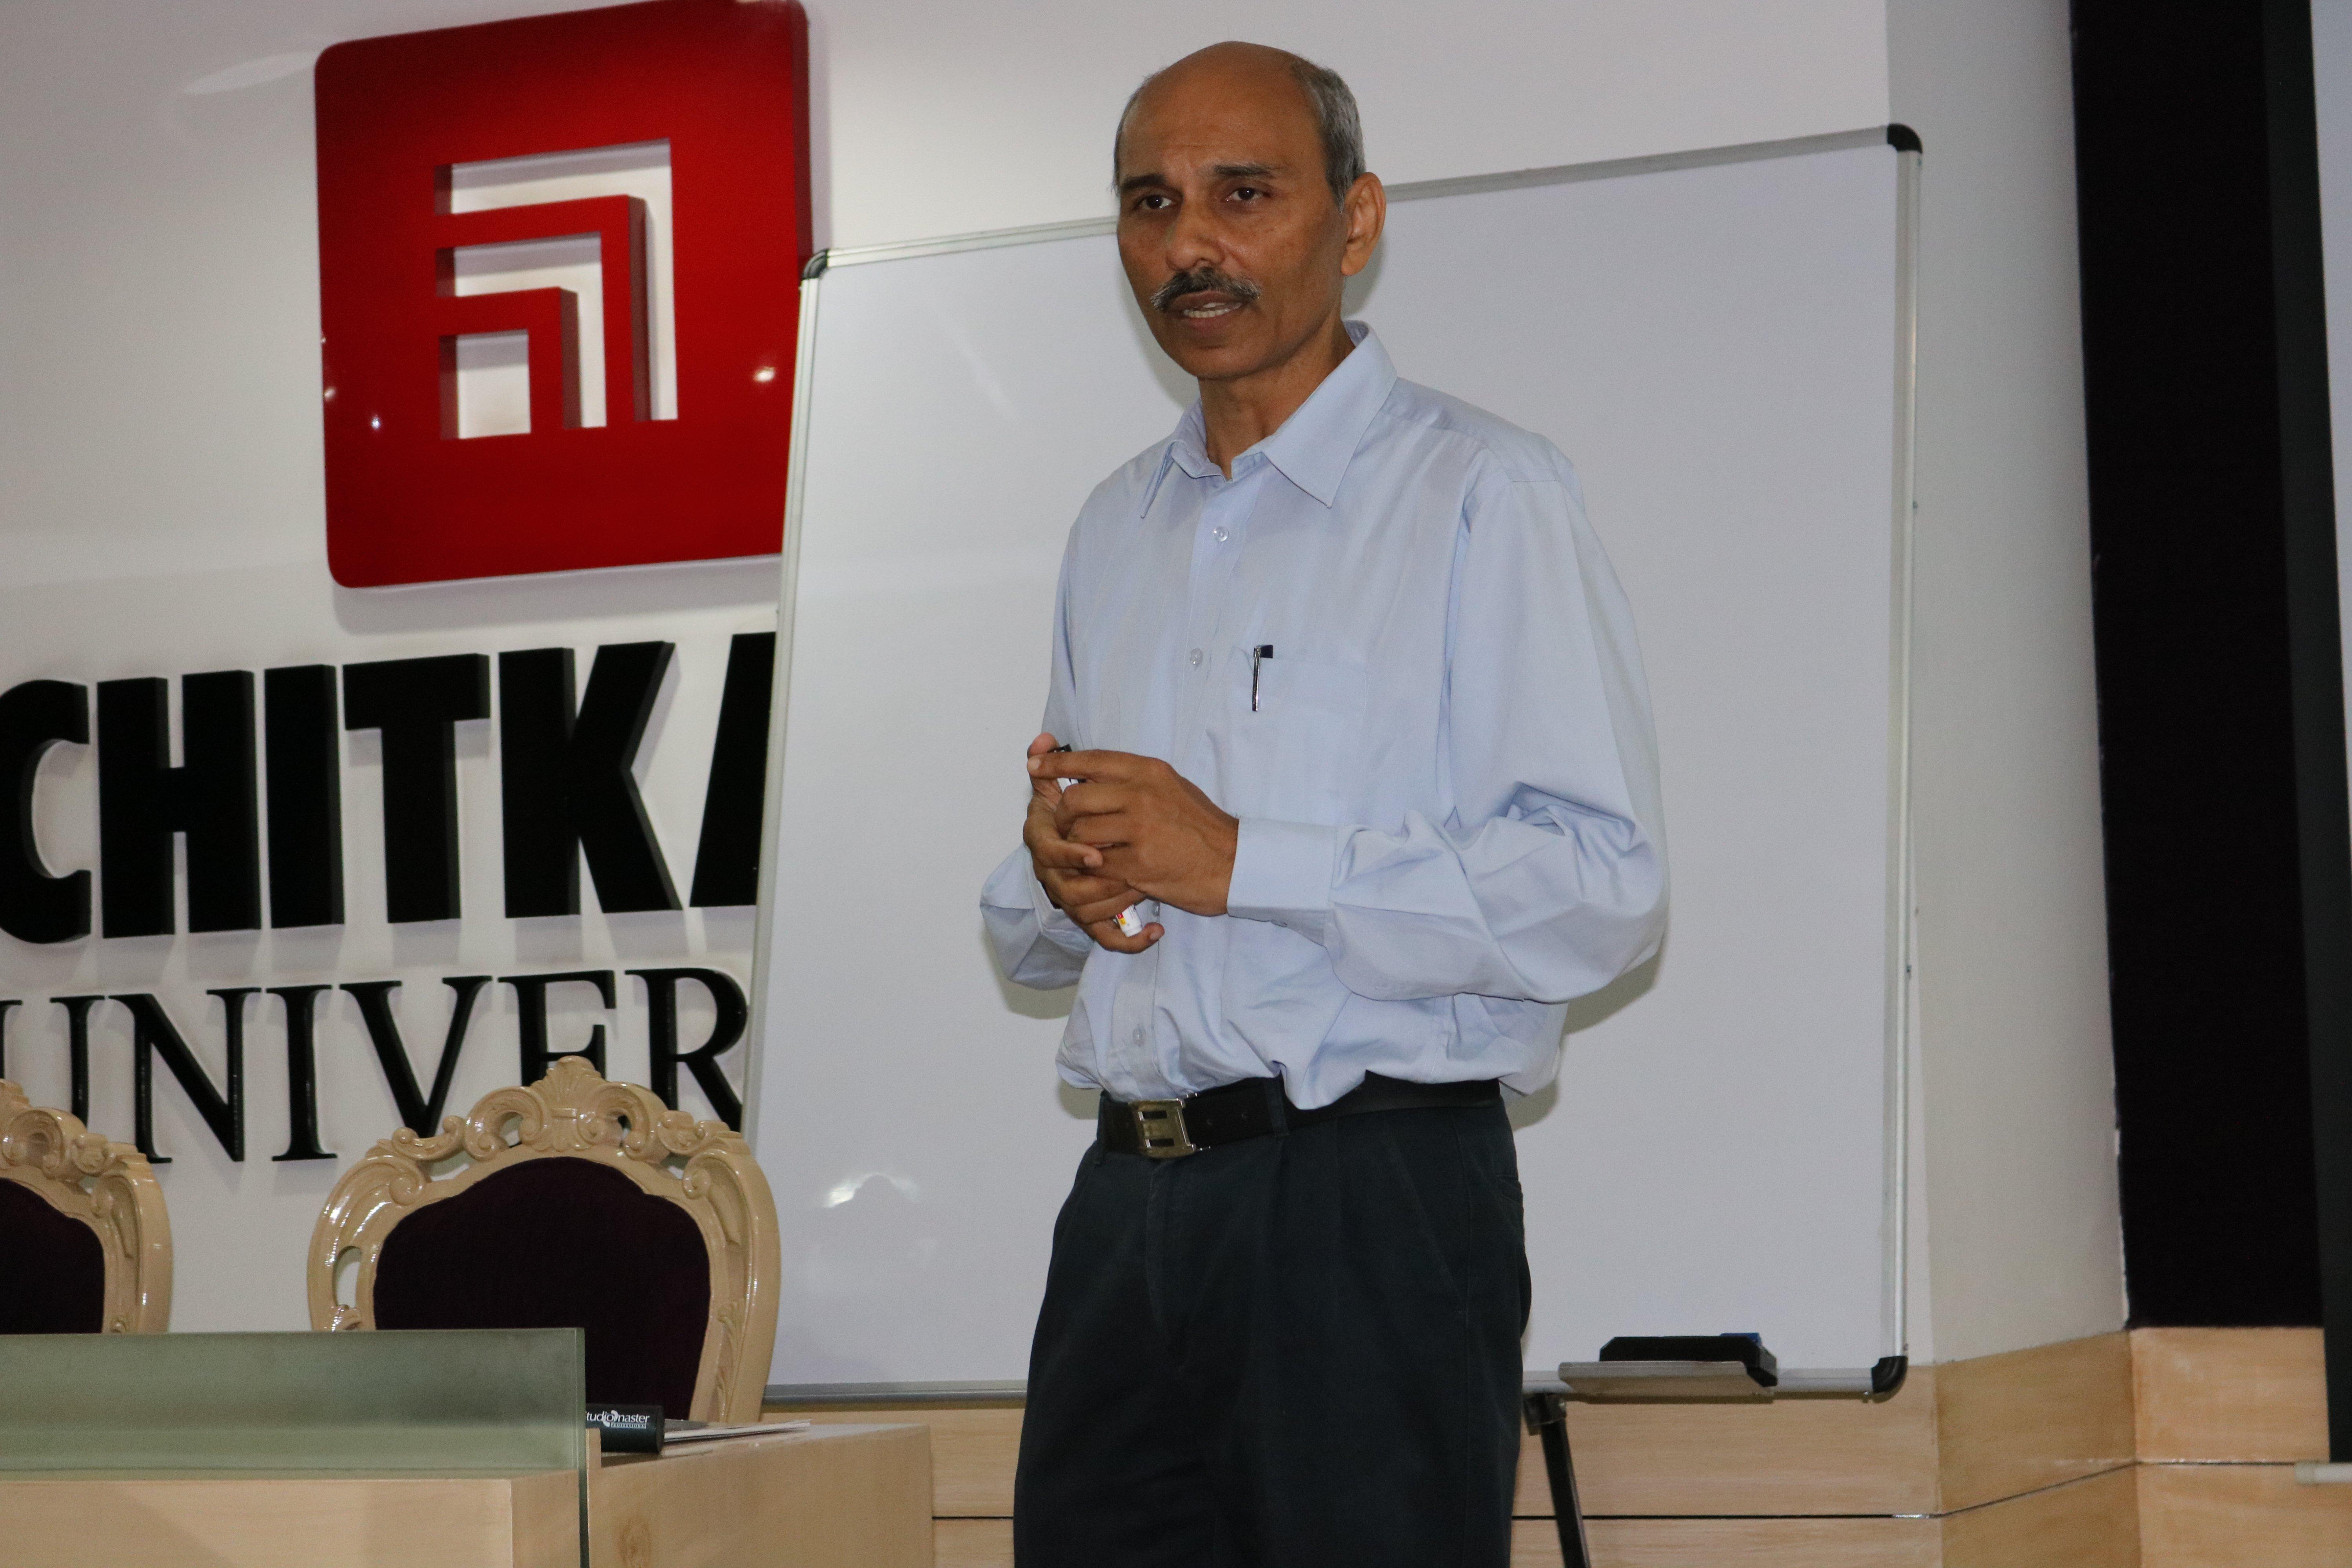 Speaker at Game Design Seminar